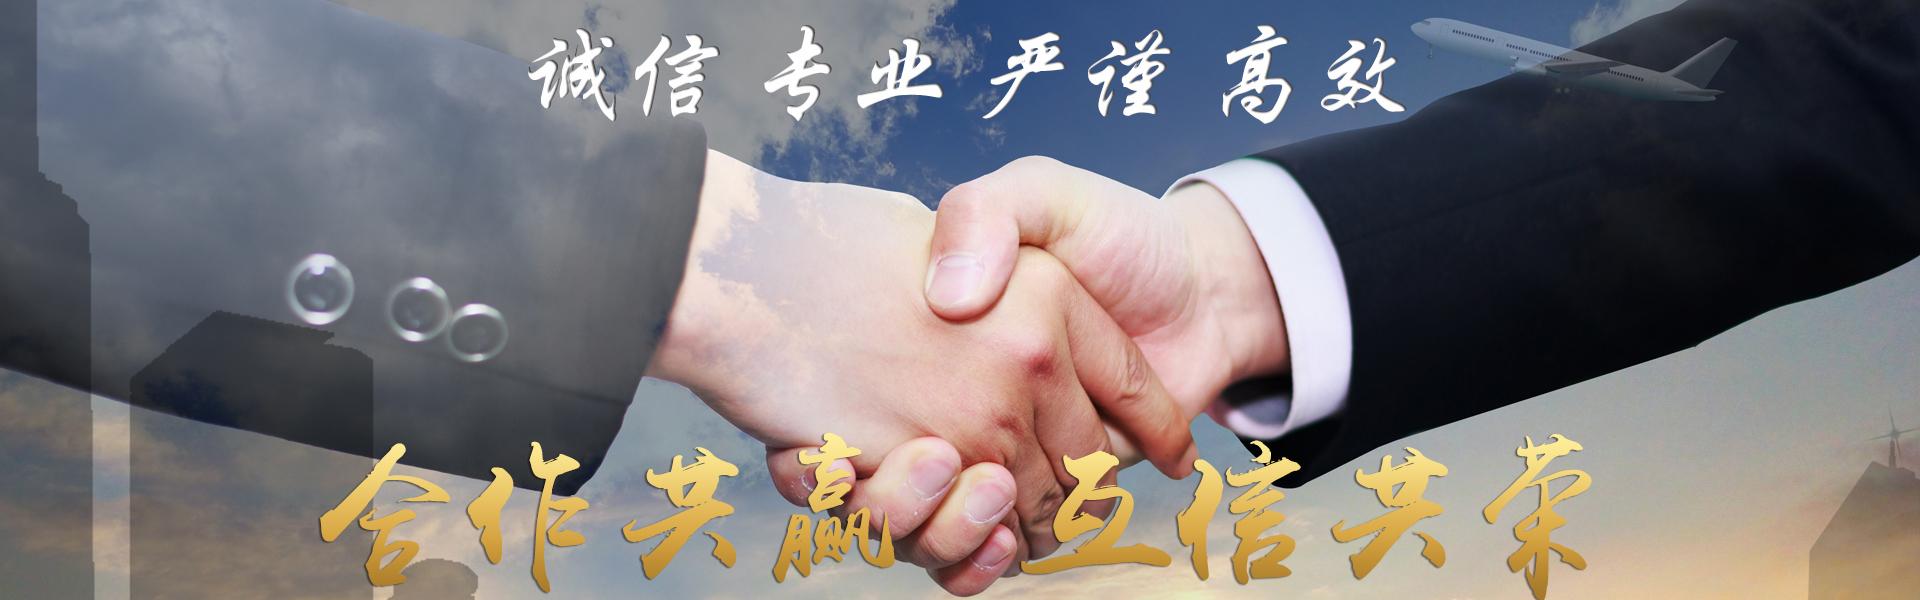 沈阳会议服务 沈阳活动策划公司 沈阳展会搭建 沈阳年会策划 沈阳展览展示